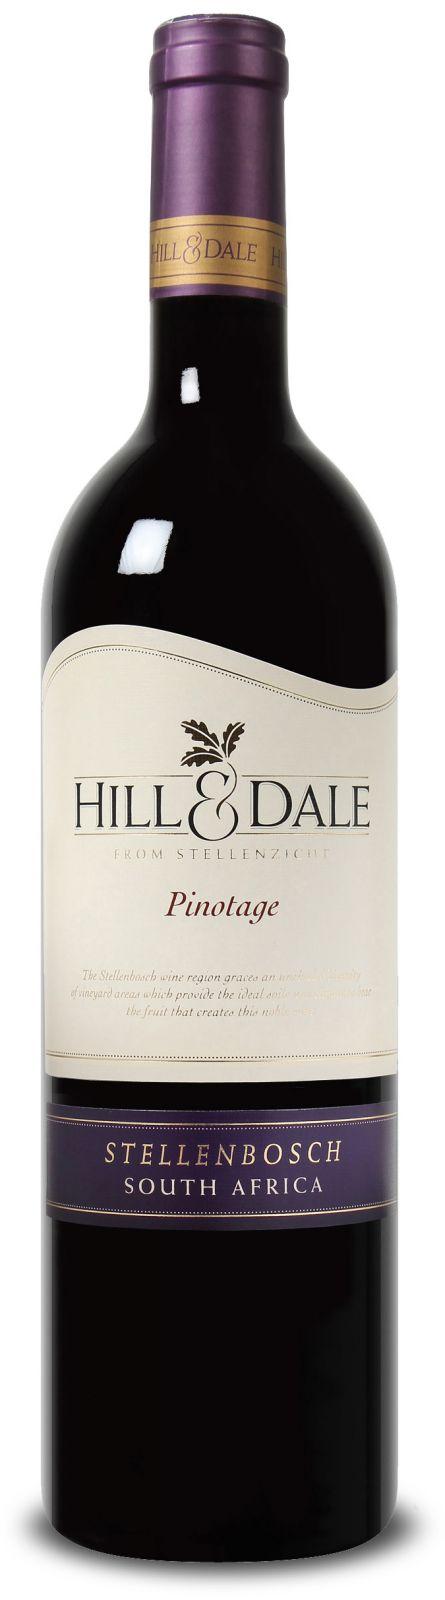 Hill & Dale Pinotage 2012: Prämierter Rotwein aus Südafrika / Stellenbosch mit 58% Rabatt:  http://weinebilliger.de/hill-dale-pinotage-2012/